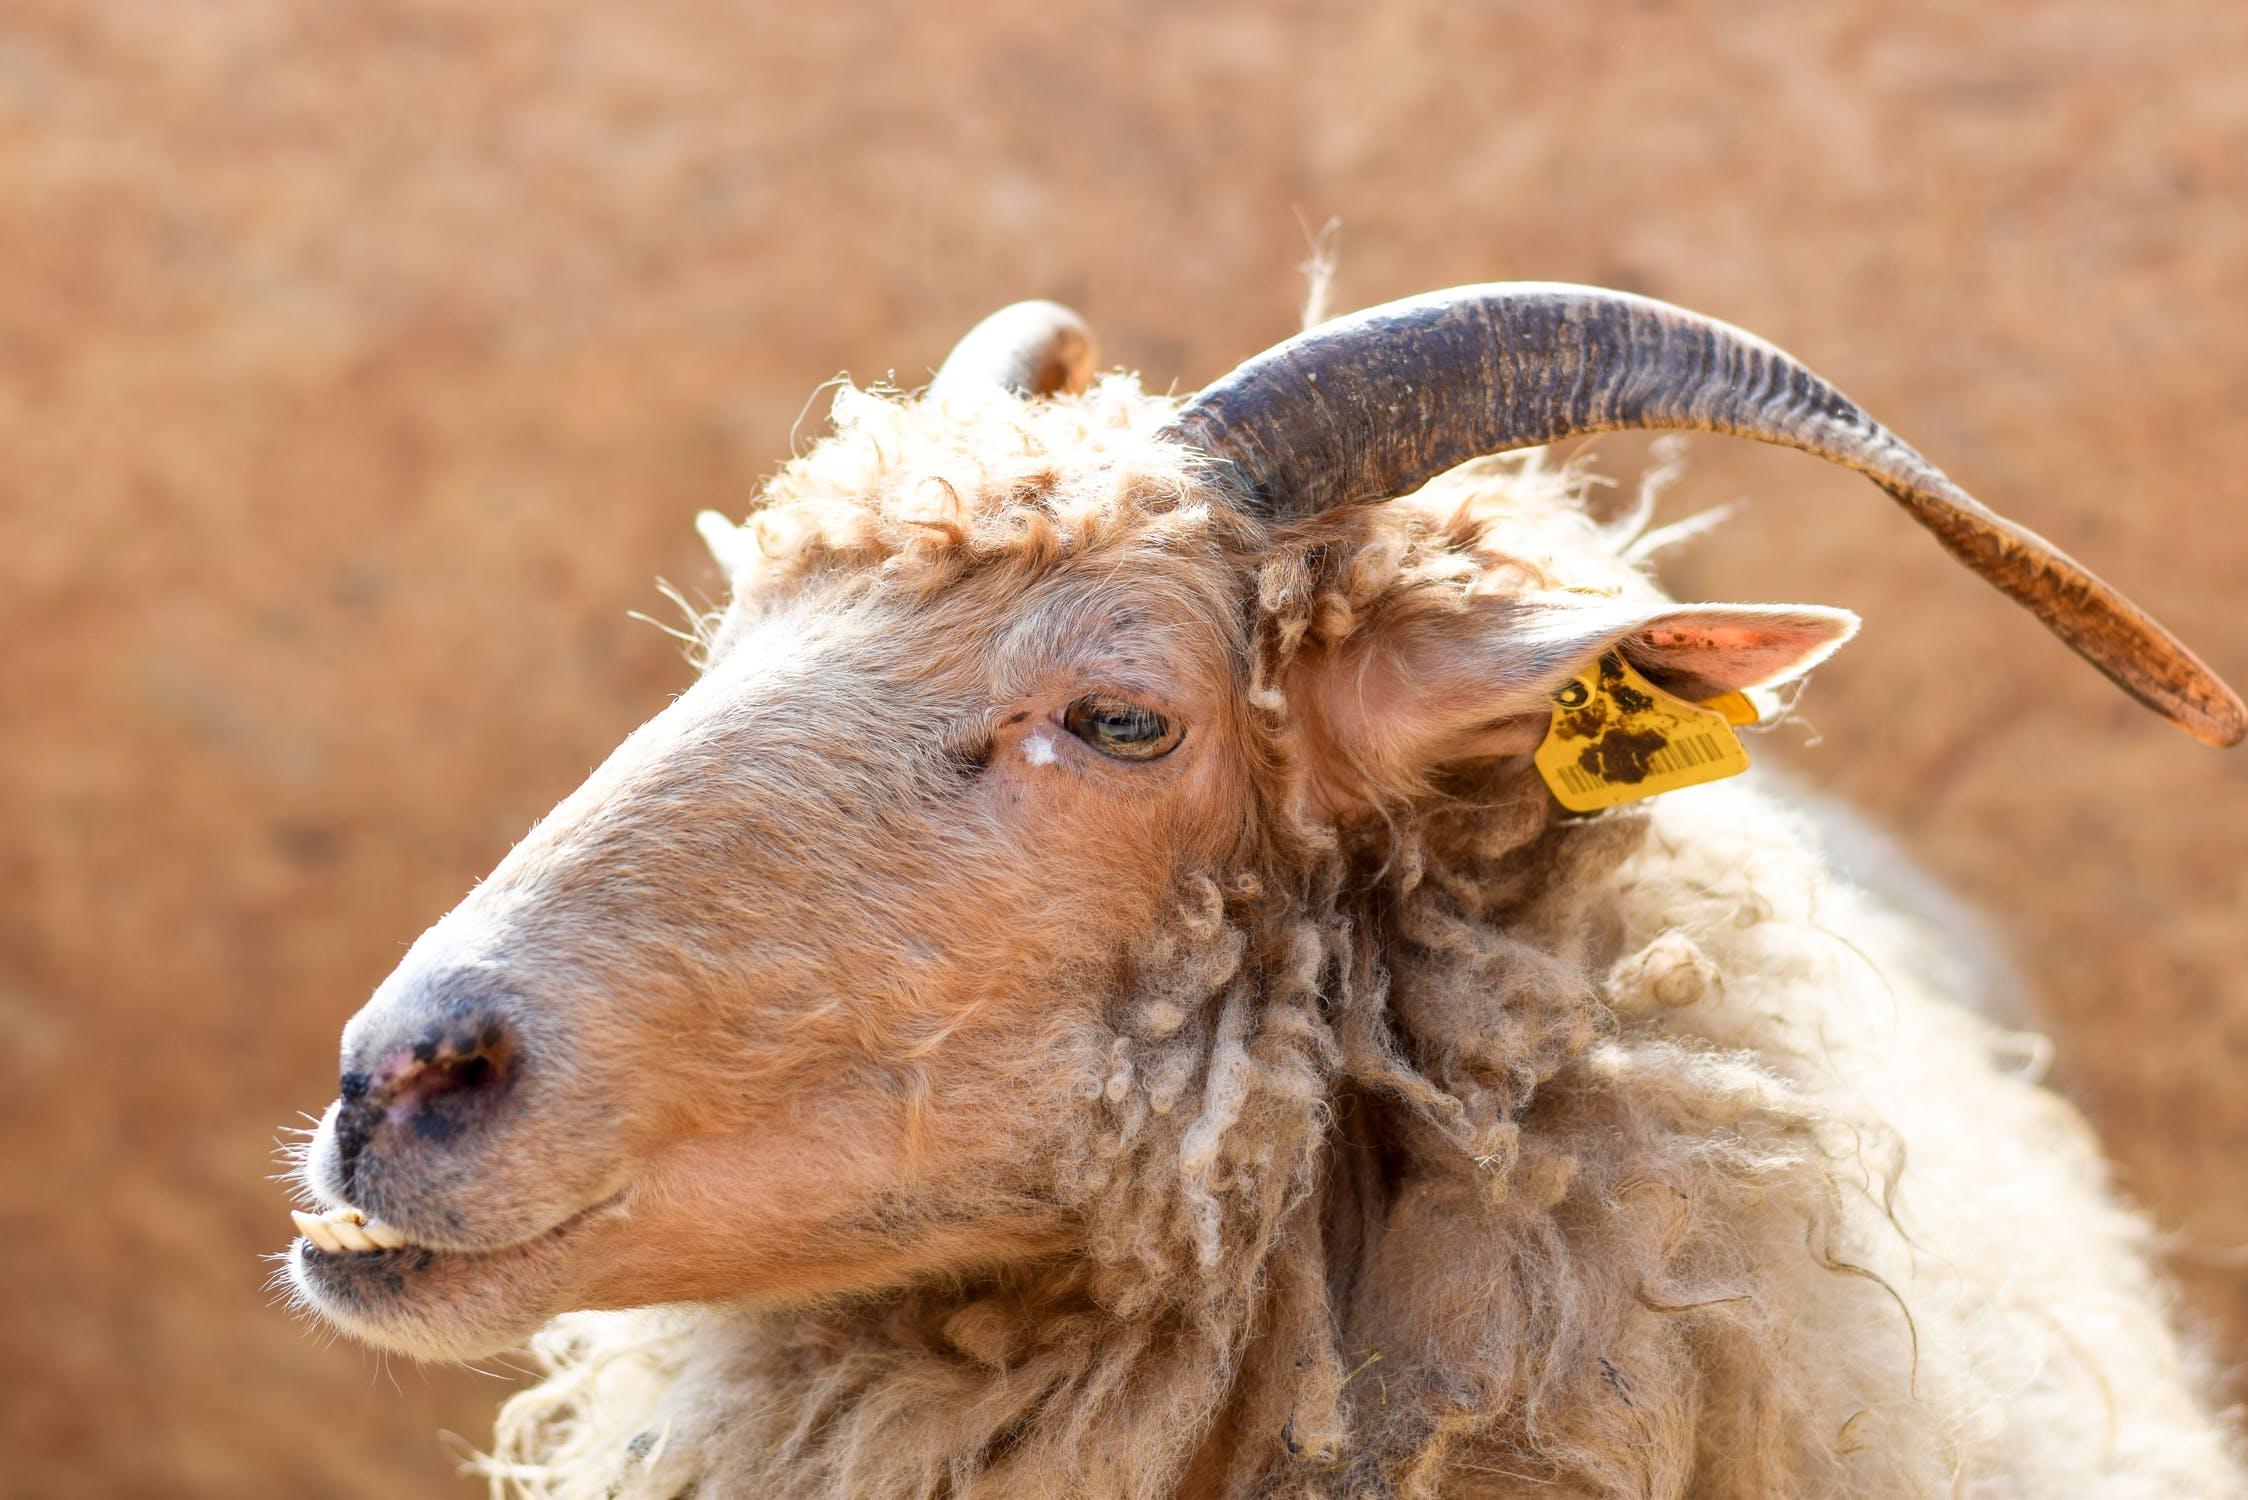 """美国善待动物组织 PETA 发布南非农场虐待动物视频,促使全球70多个品牌和零售商宣布拒绝""""安哥拉山羊毛"""""""